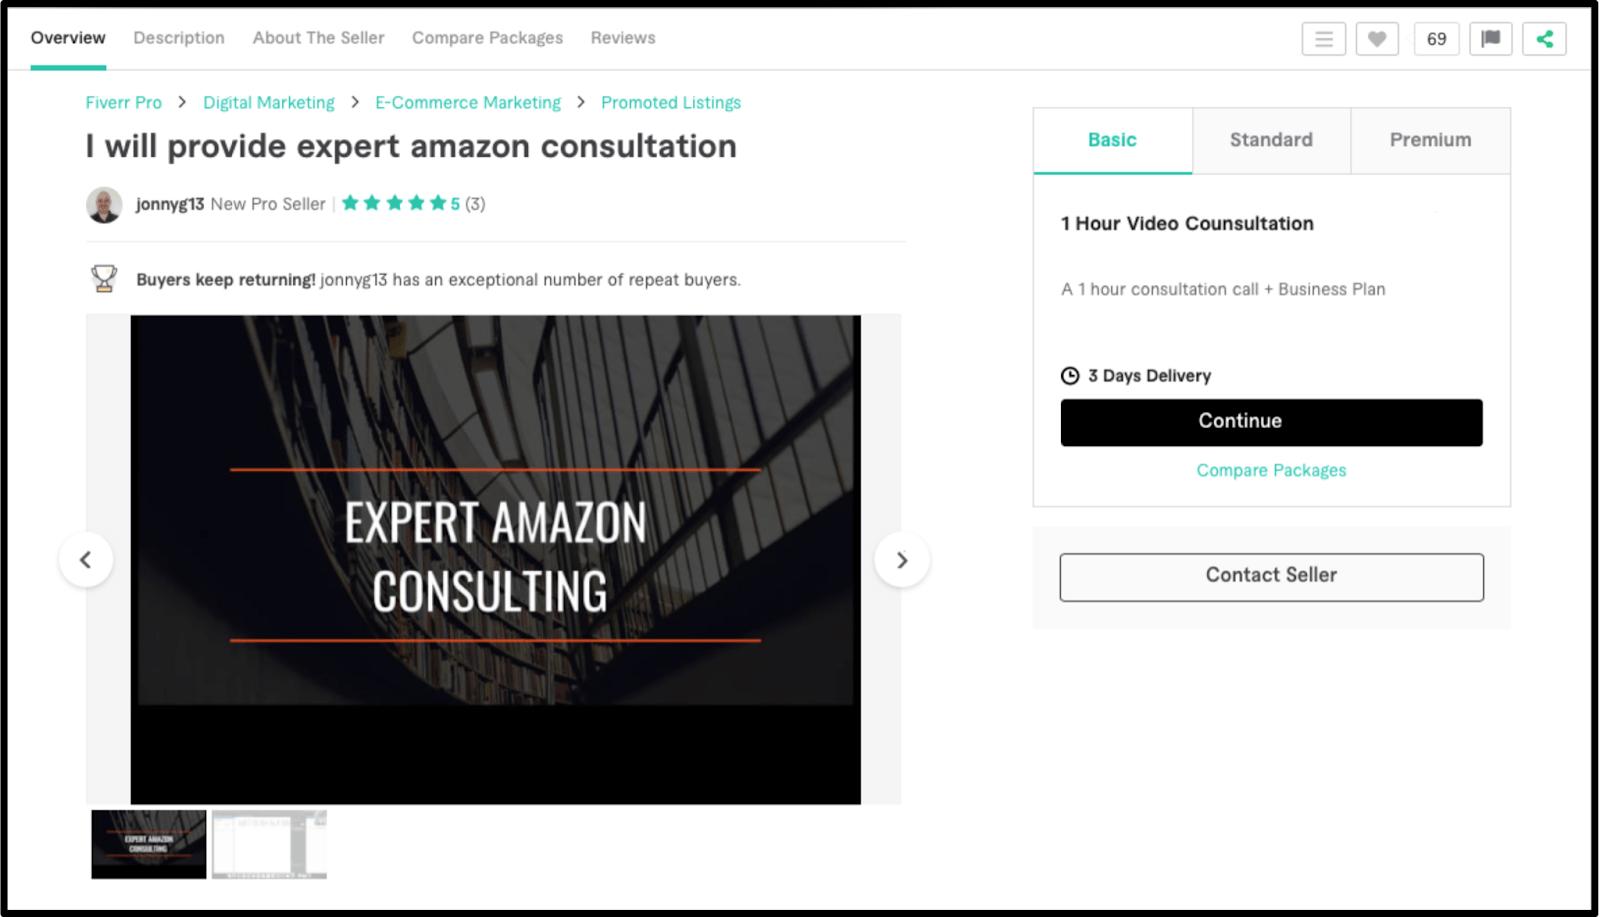 Amazon FBA pro-seller jonnyg13 profile on Fiverr